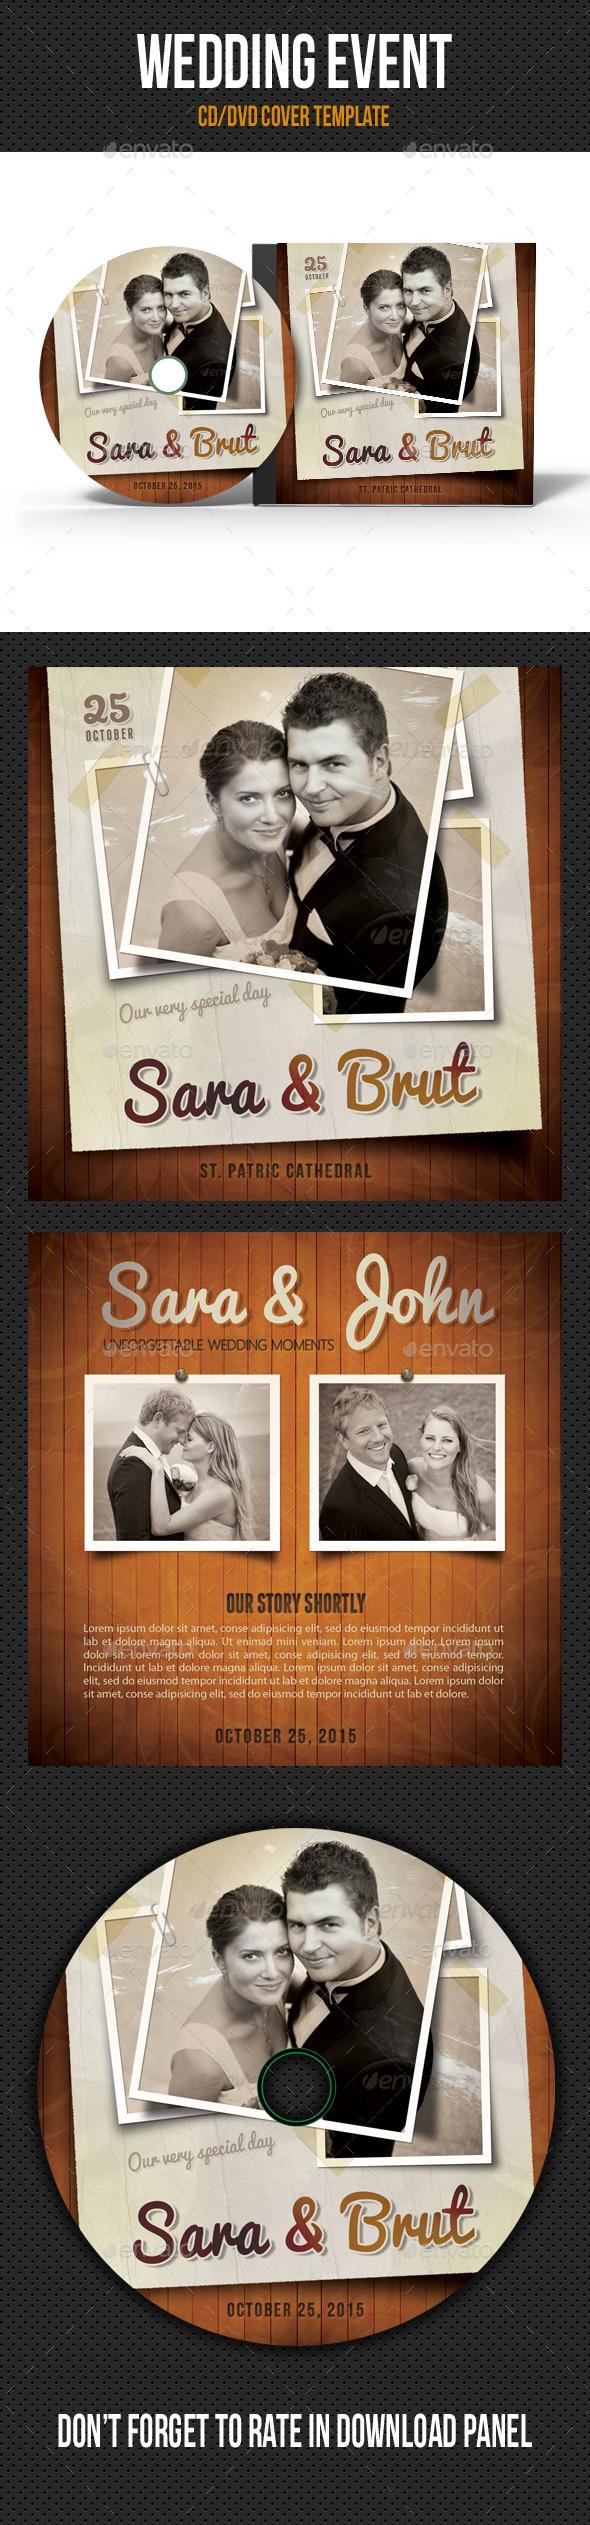 Retro Wedding Event CD Cover V02 - CD & DVD Artwork Print Templates